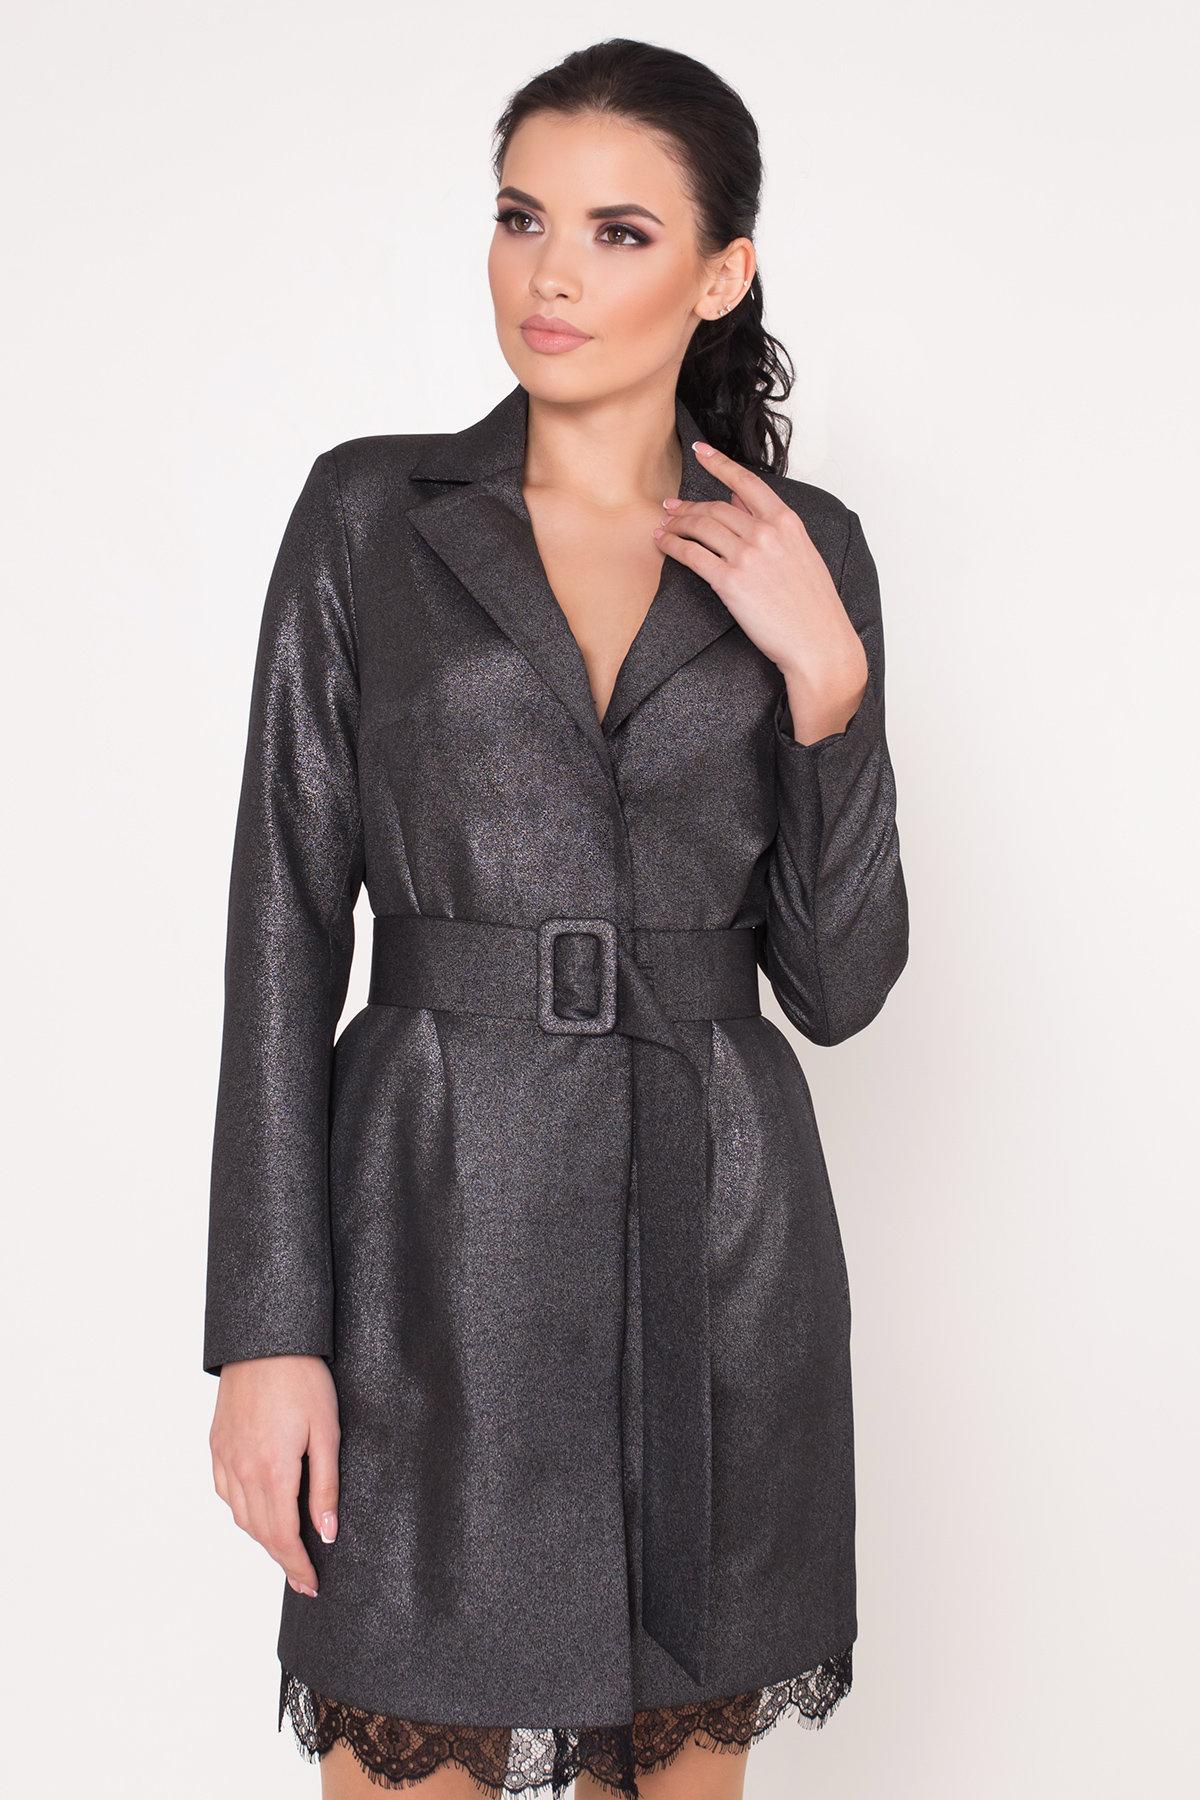 Платье-жакет Маренго 8587 АРТ. 44899 Цвет: Черный - фото 3, интернет магазин tm-modus.ru